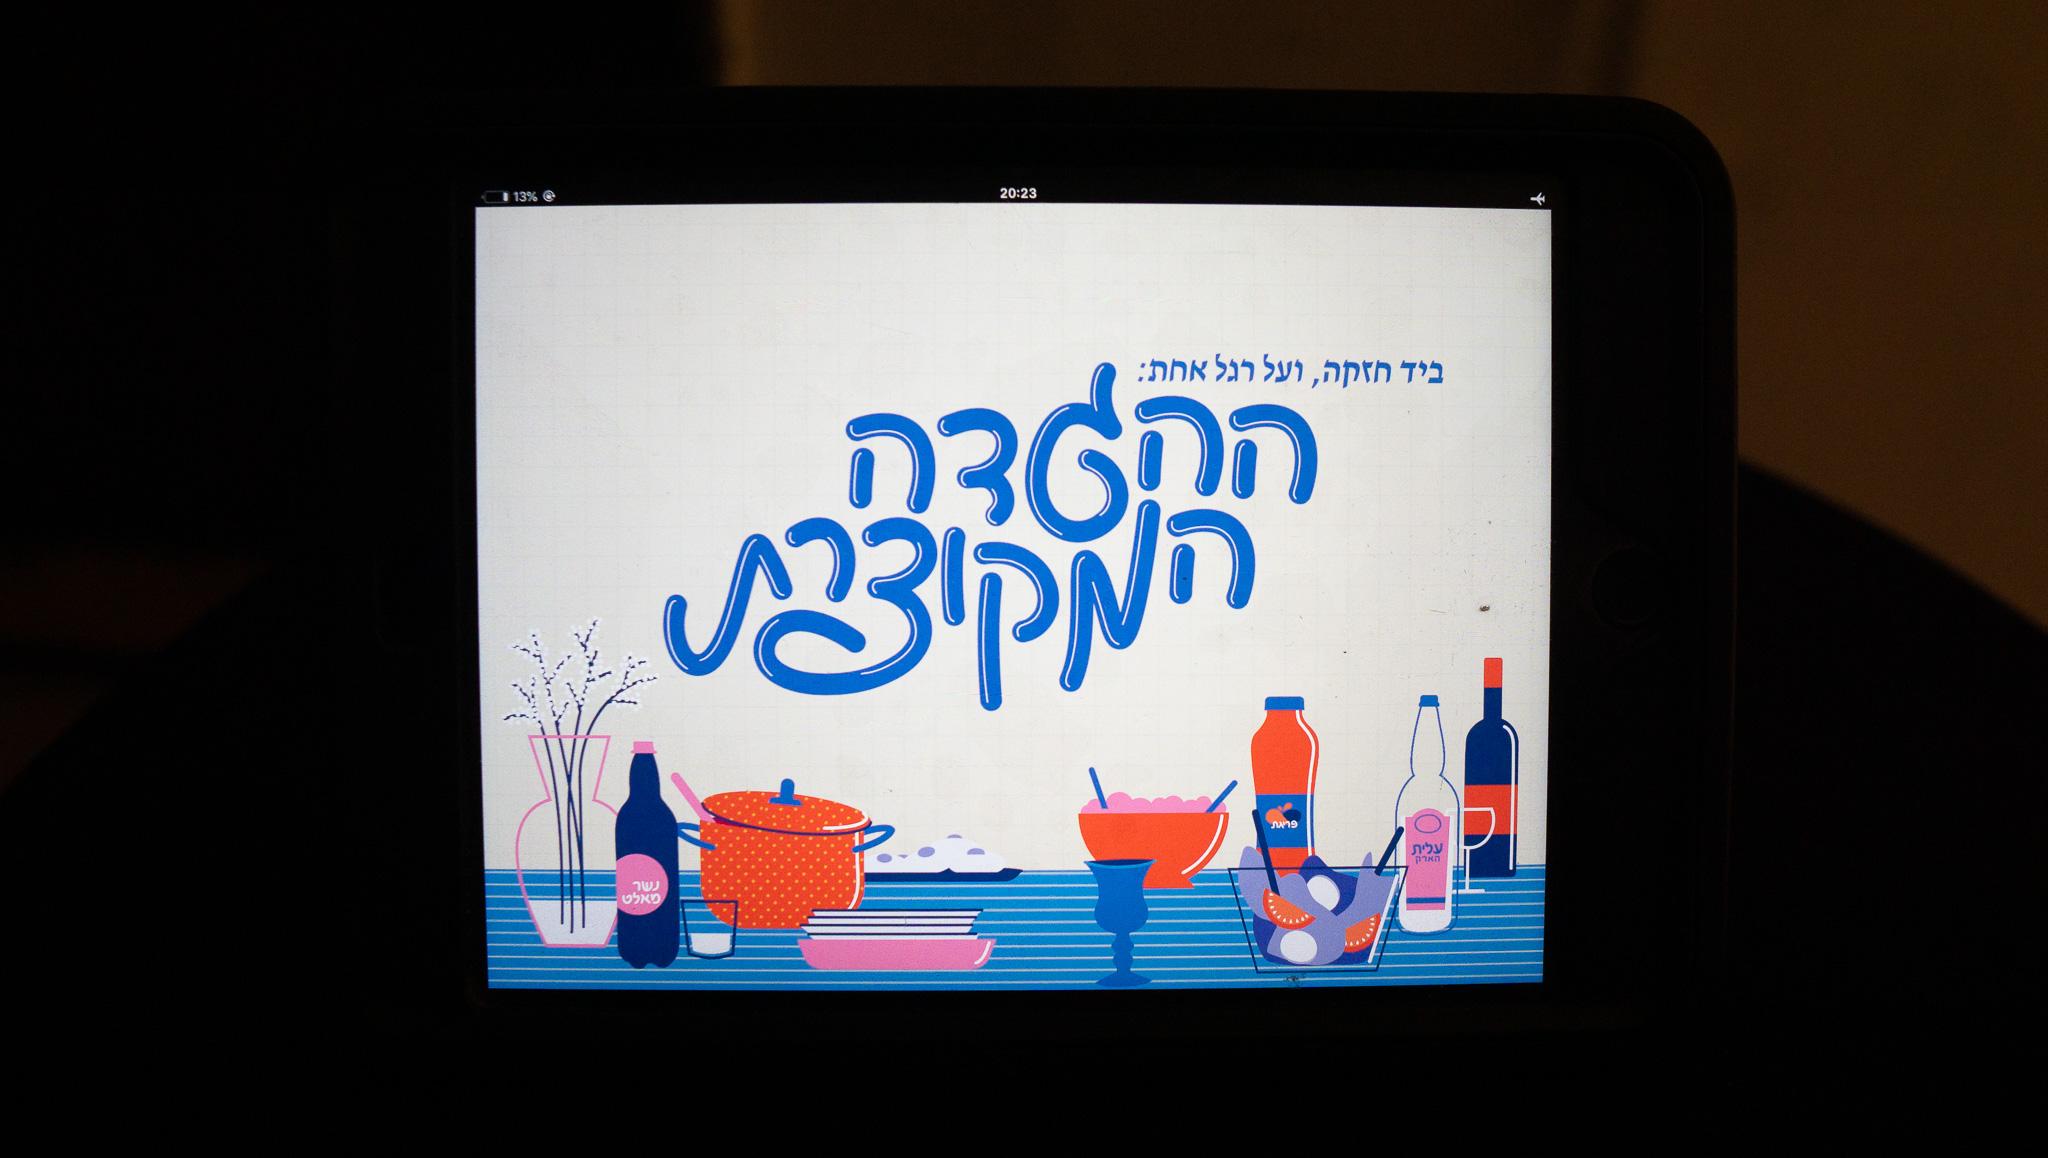 נגה פירסט - ההגדה המקוצרת